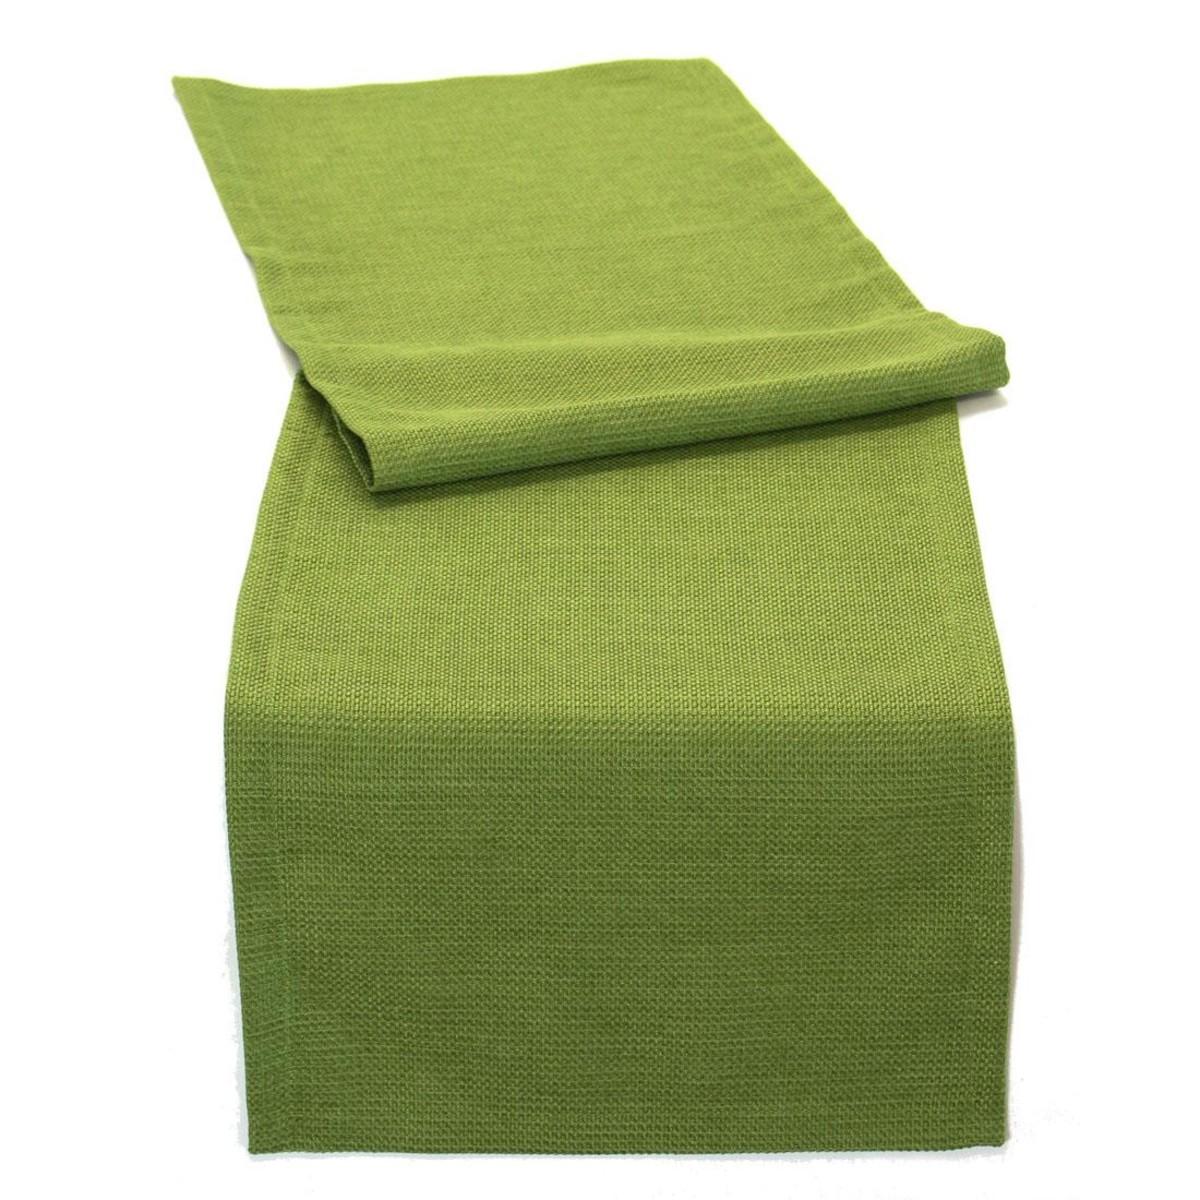 Дорожка На Стол Хит-Декор Зелень 06911 140Х40